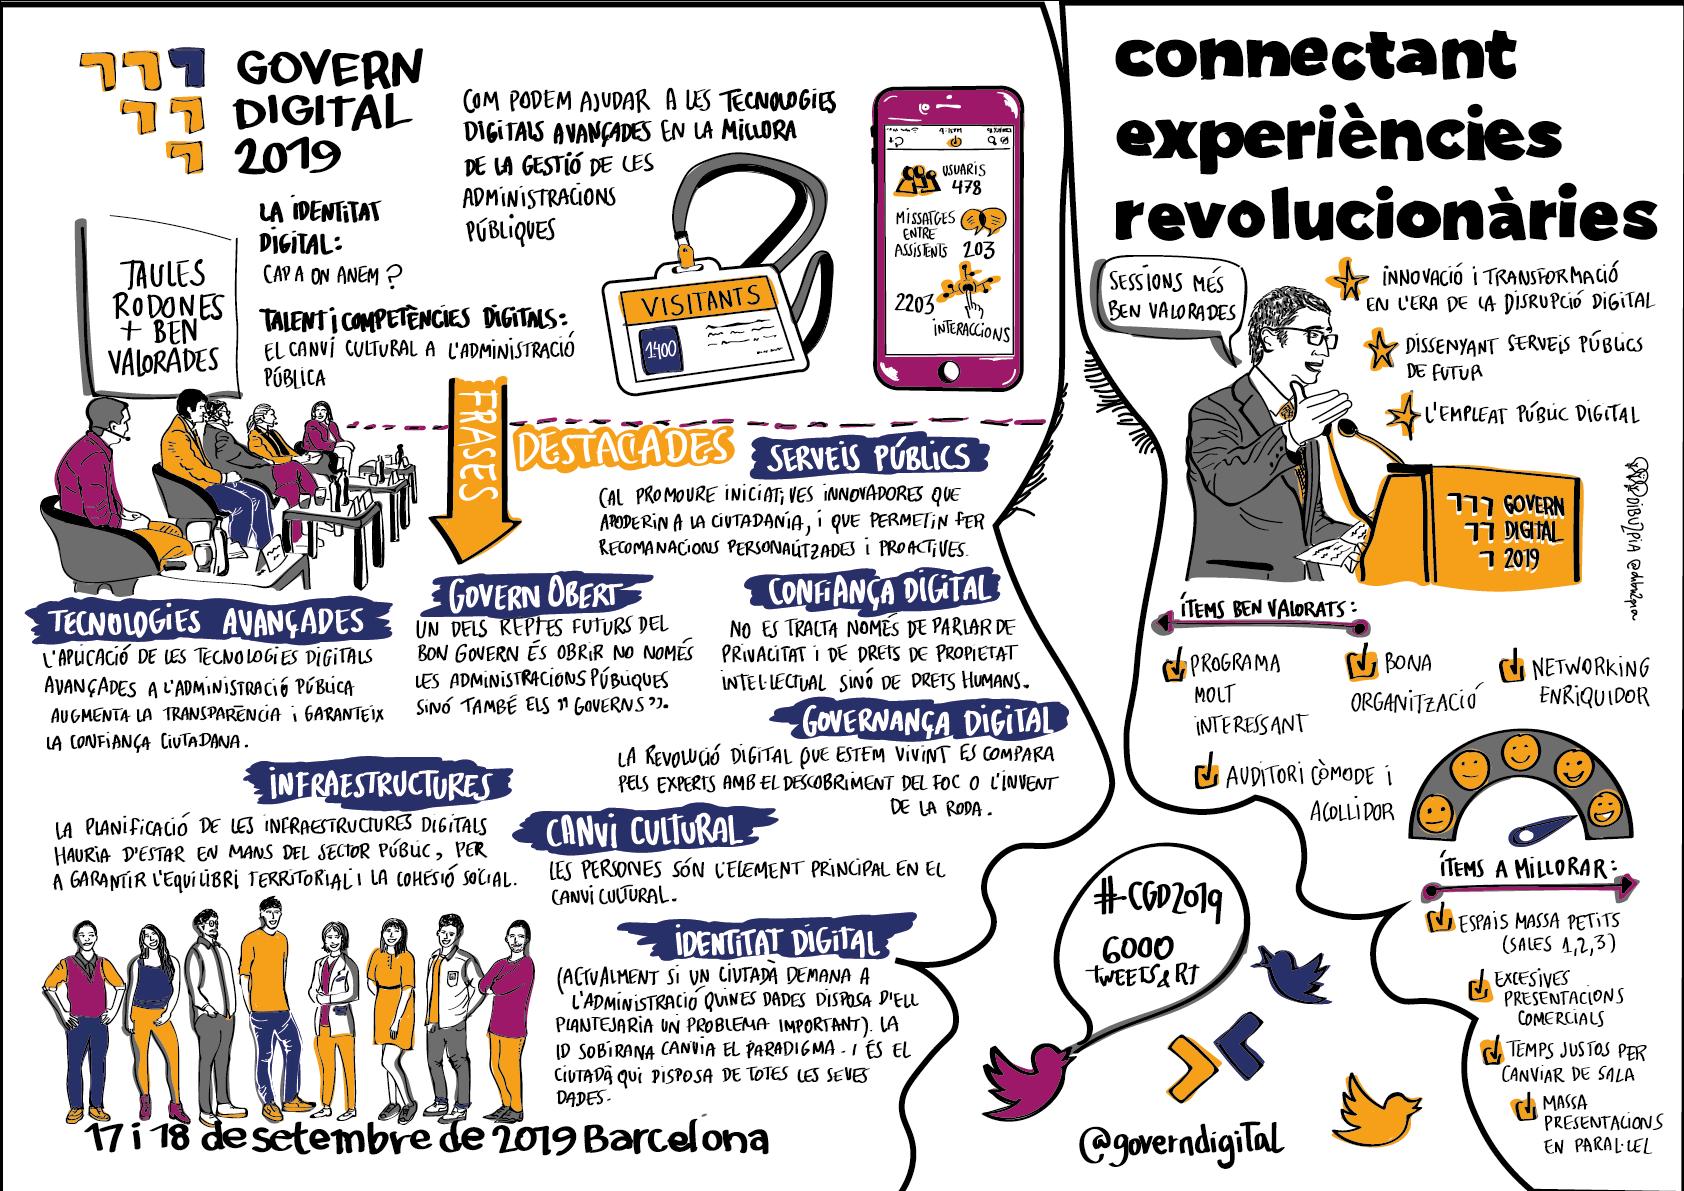 Infografia resum del Congrés de Govern Digital 2019